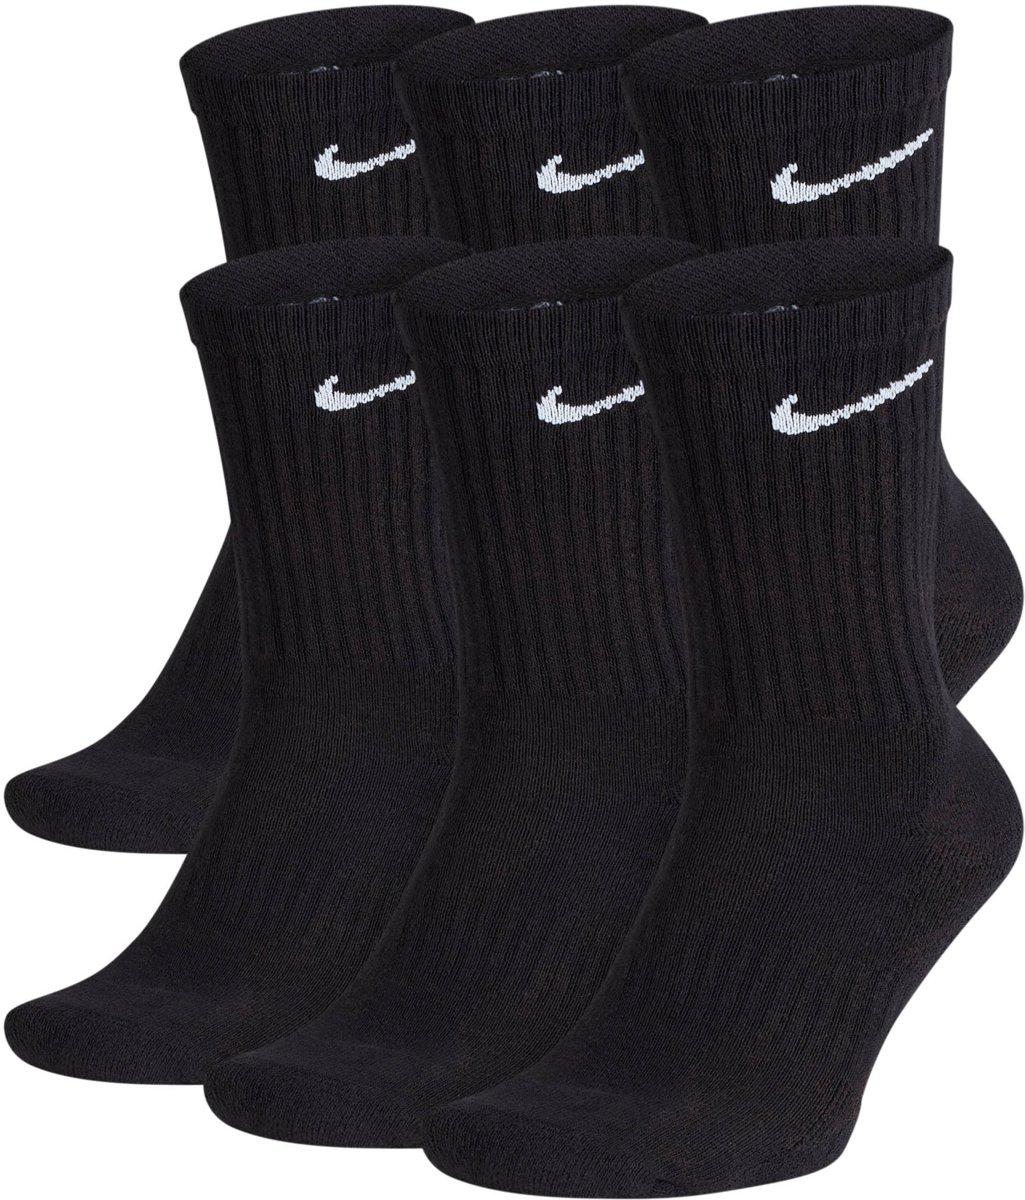 Nike Everyday Cushion Crew Sokken  Sportsokken - Maat 39-42 - Unisex - zwart/wit Maat 38-42 kopen